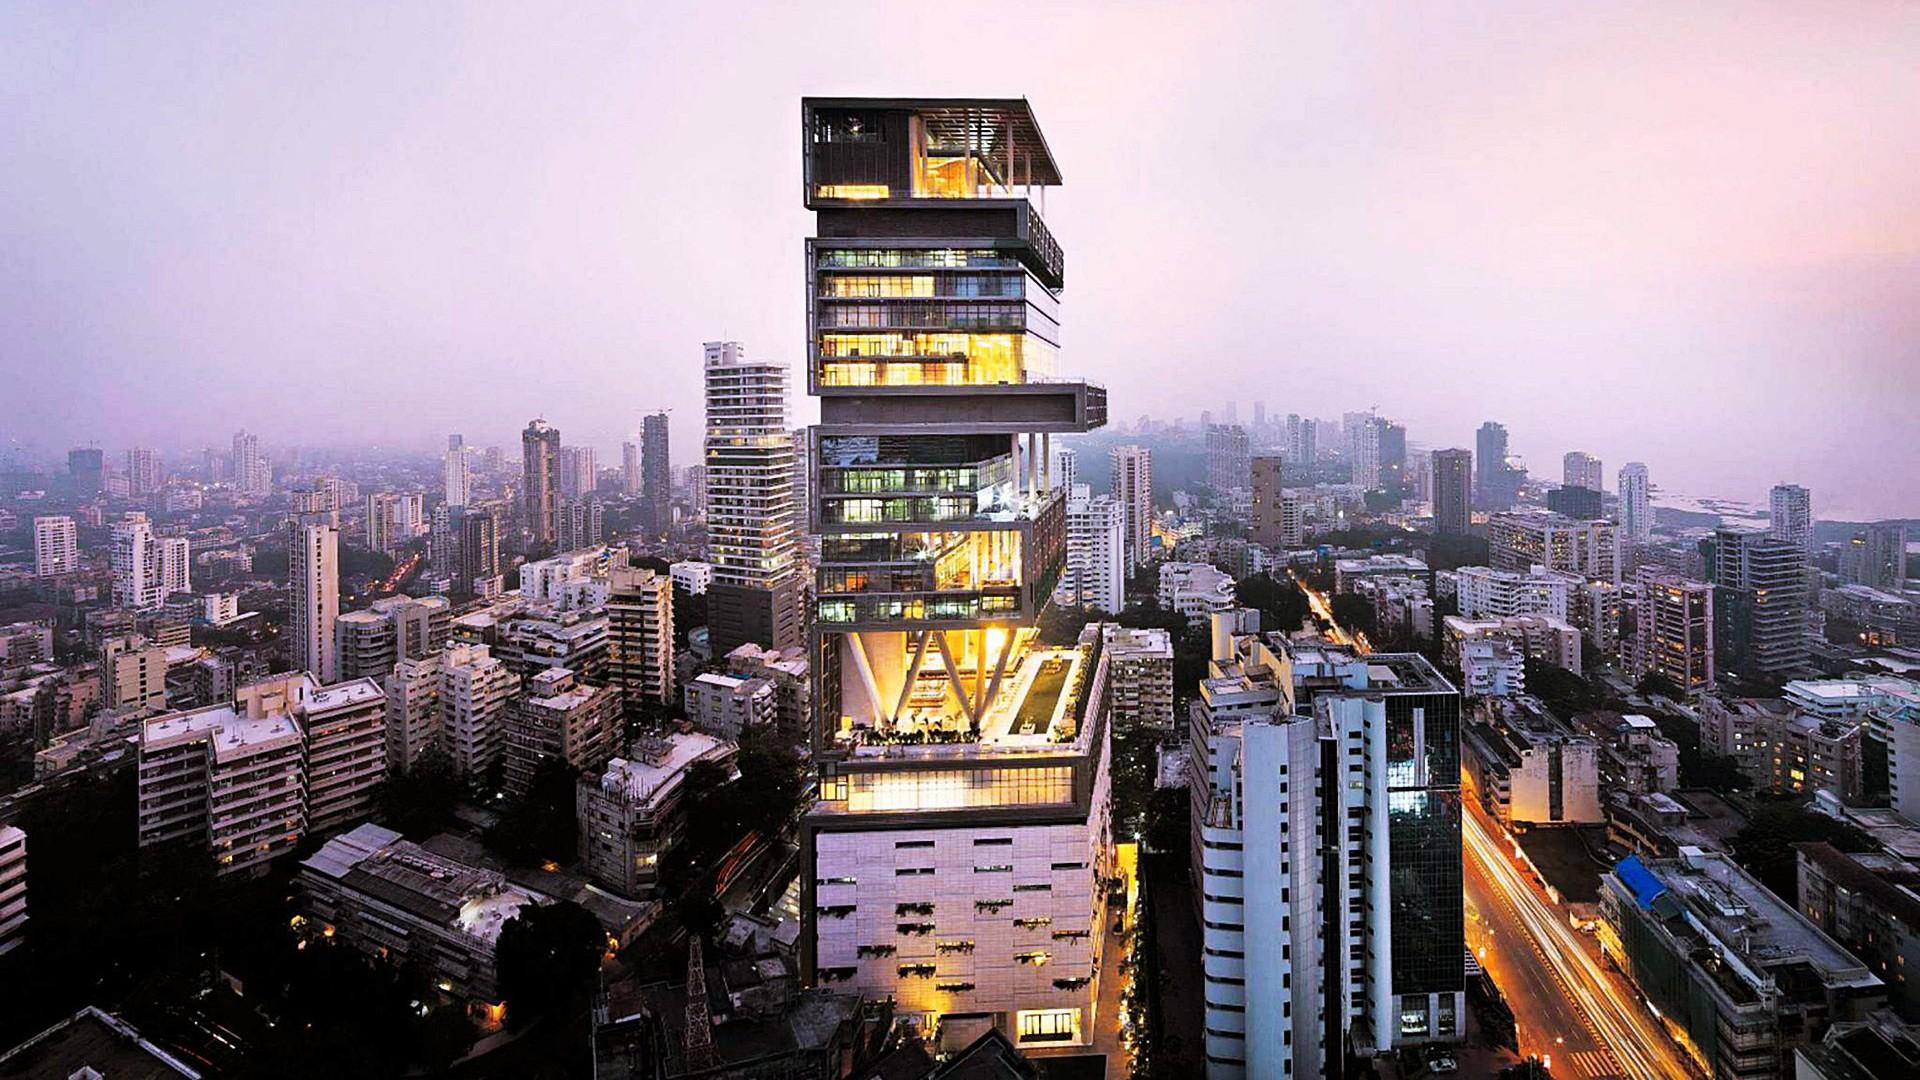 1.Antilia, Mumbai, India